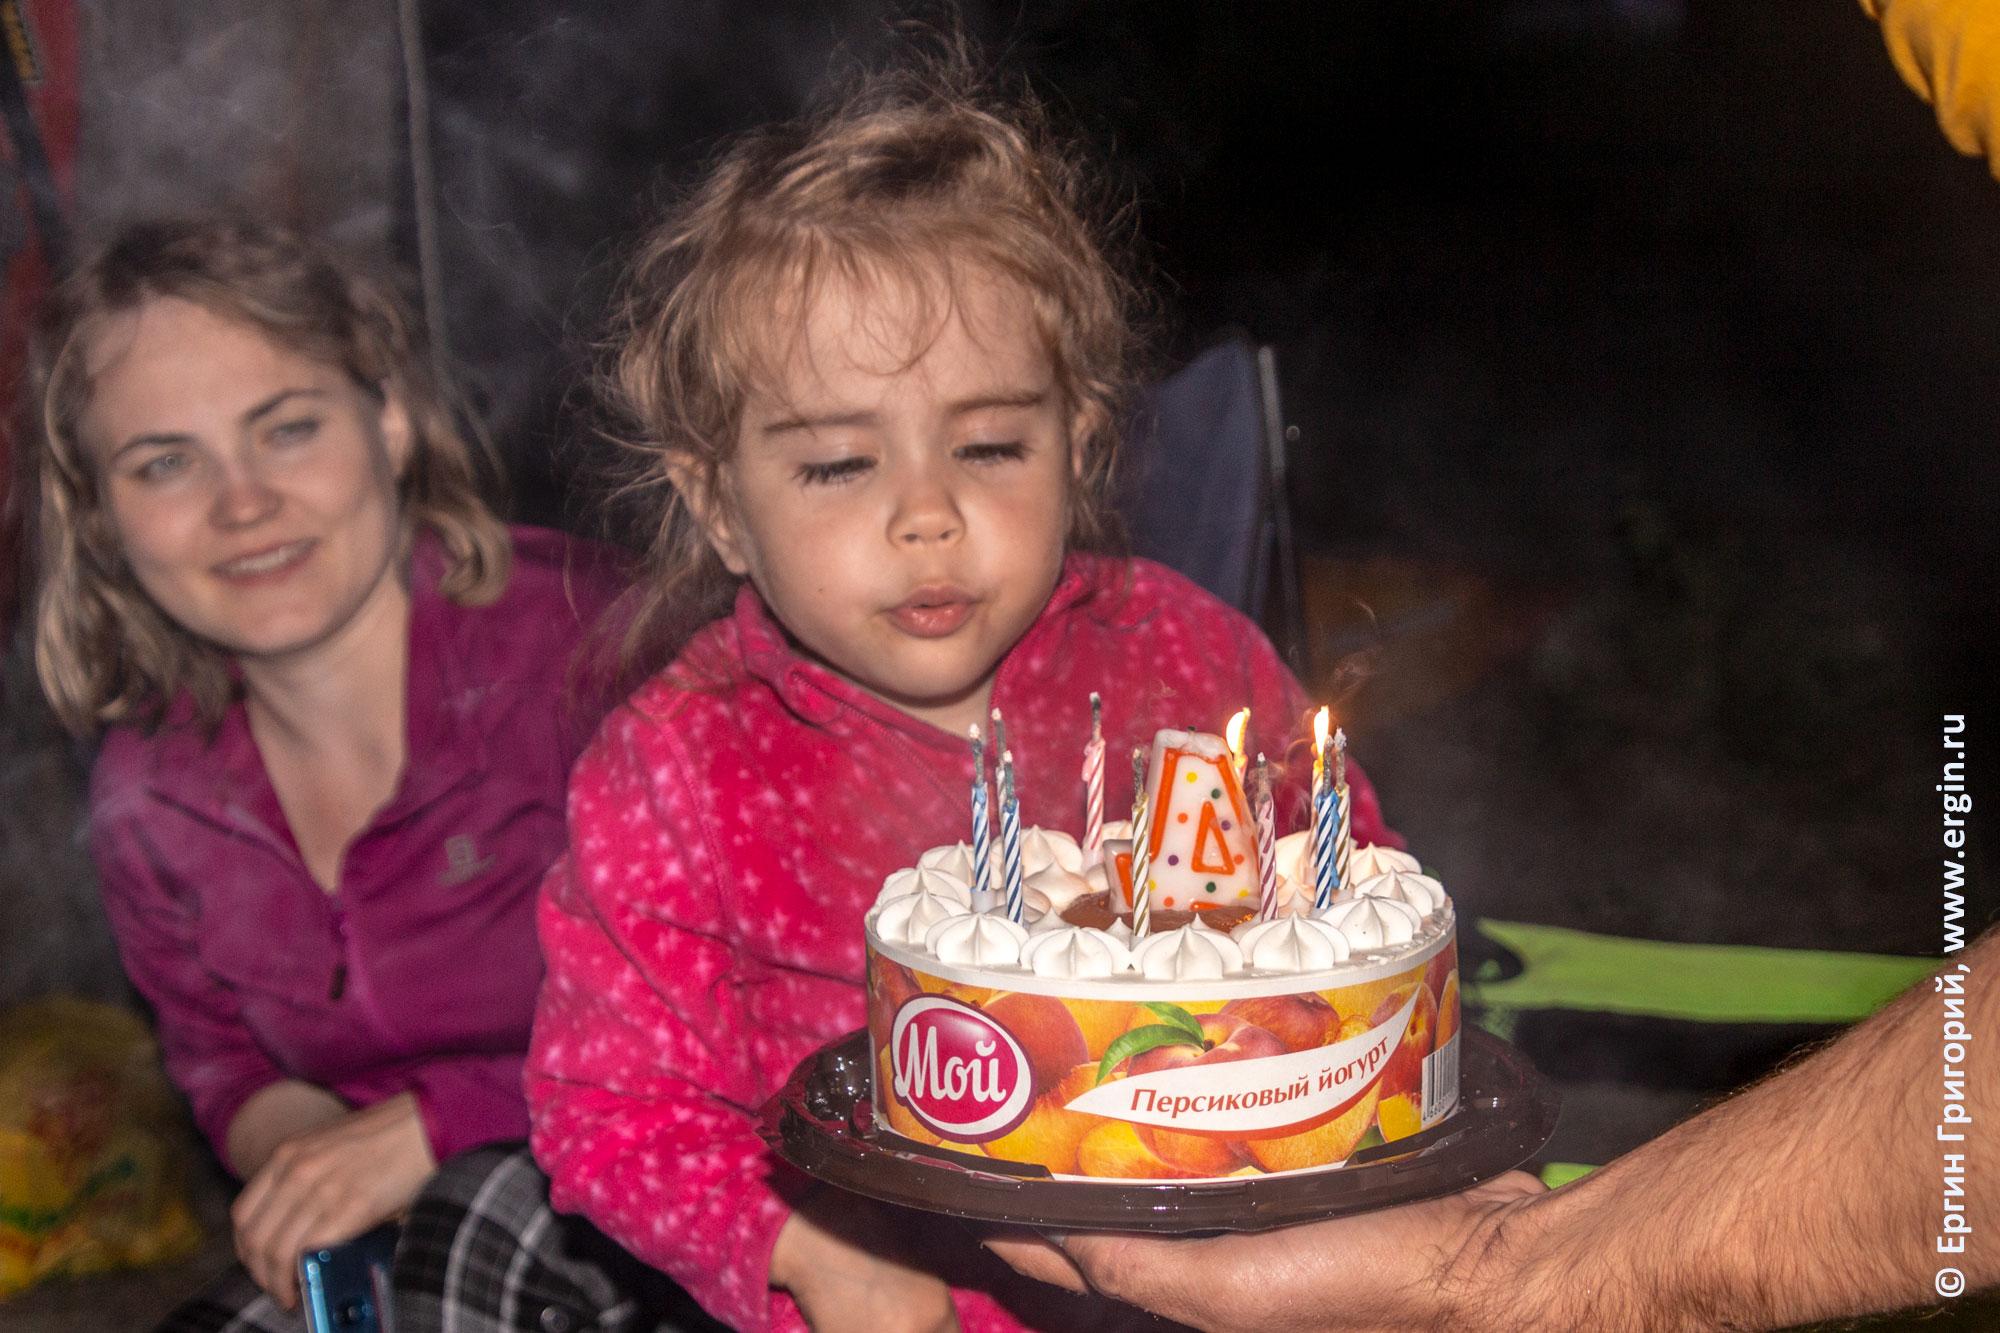 Торт со свечами День рождения маленькой девочки в каяк-туре